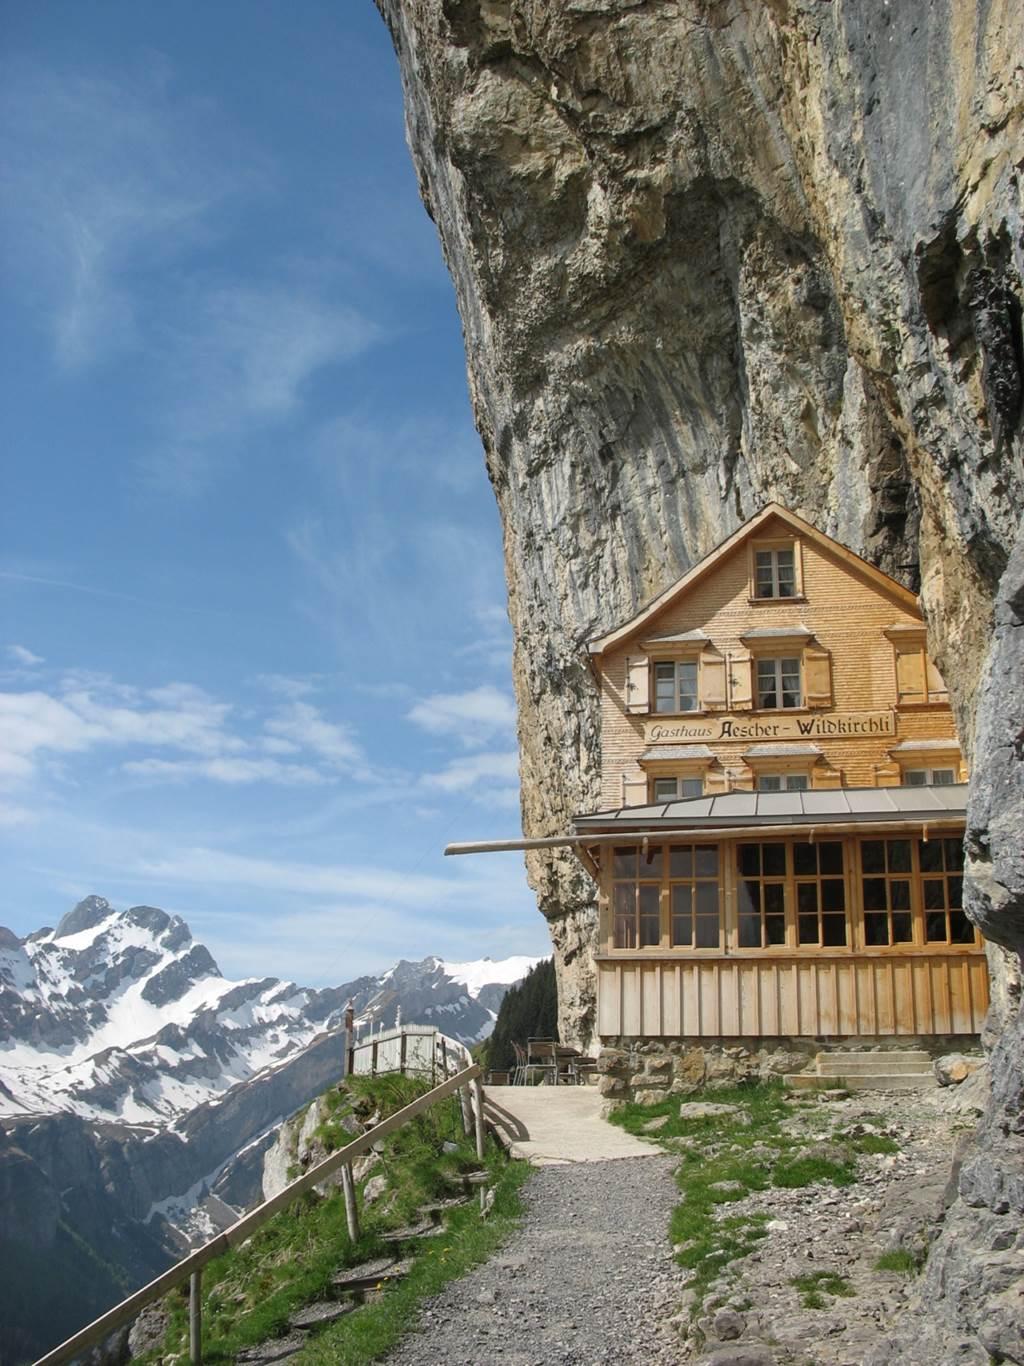 Aescher Hotel Appenzellerland Switzerland Xcitefun Net